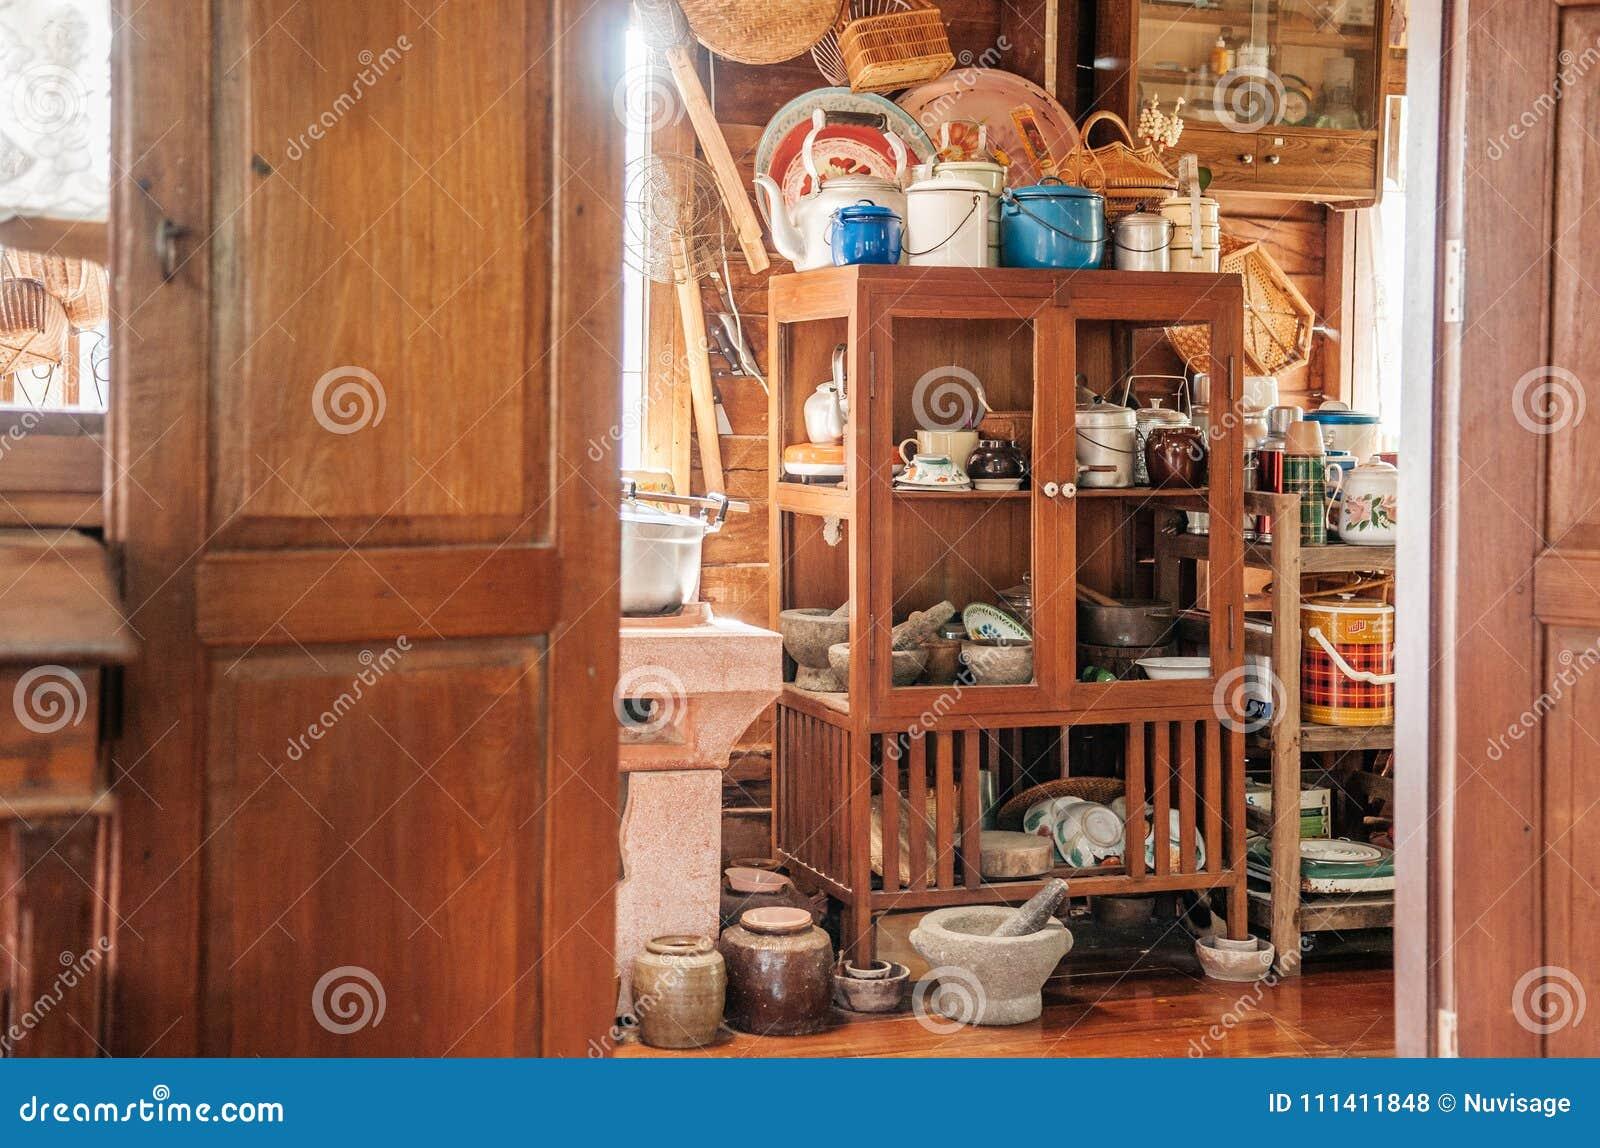 Cocina De Madera Rustica Del Vintage En Decorati Del Interior De